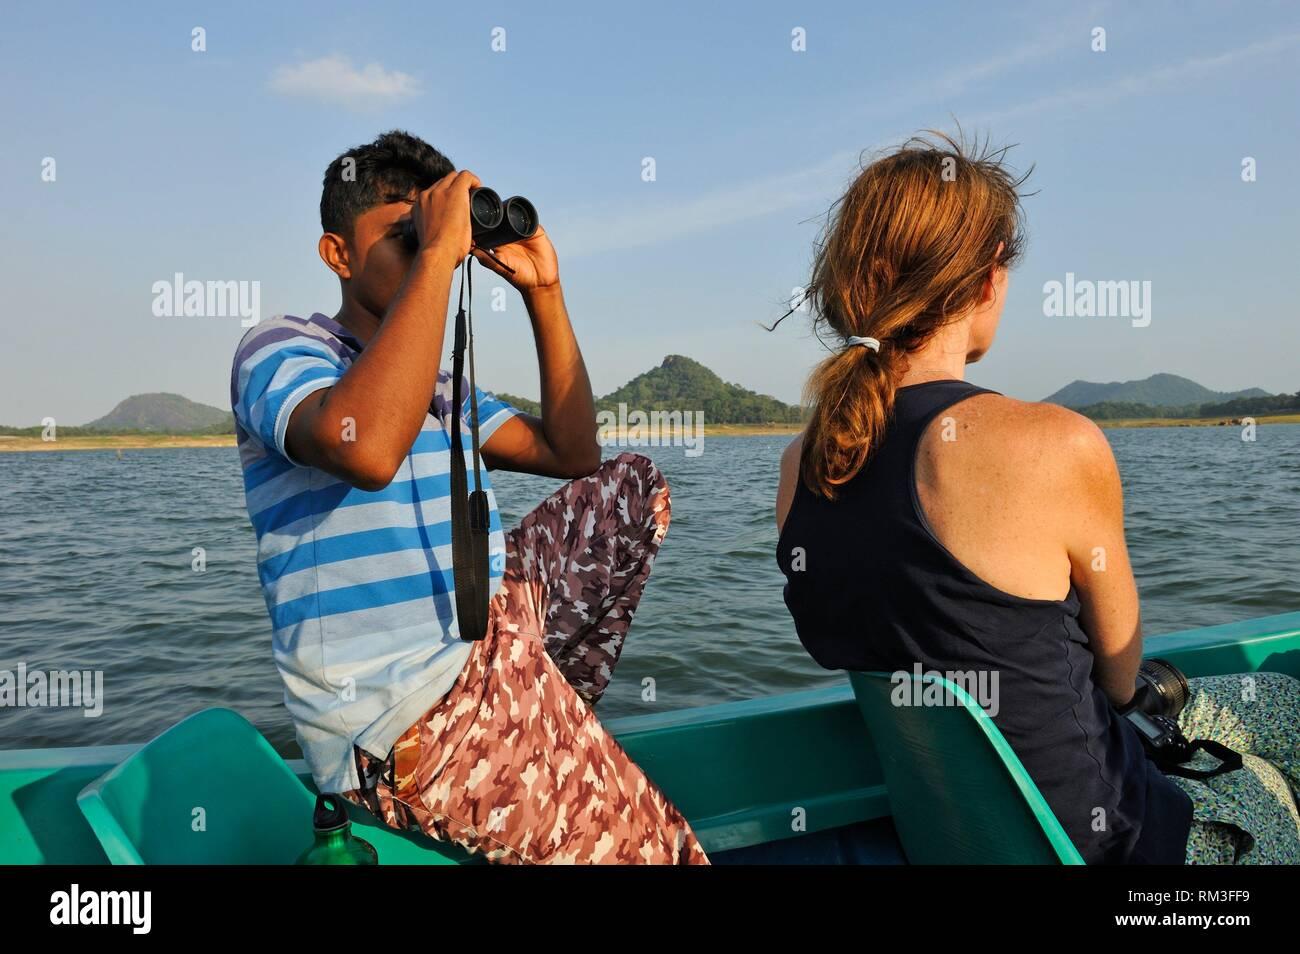 Viaje en barco por el lago Samudraya Senanayake, Gal Oya, Parque Nacional de Sri Lanka, el subcontinente indio, el sudeste de Asia. Imagen De Stock